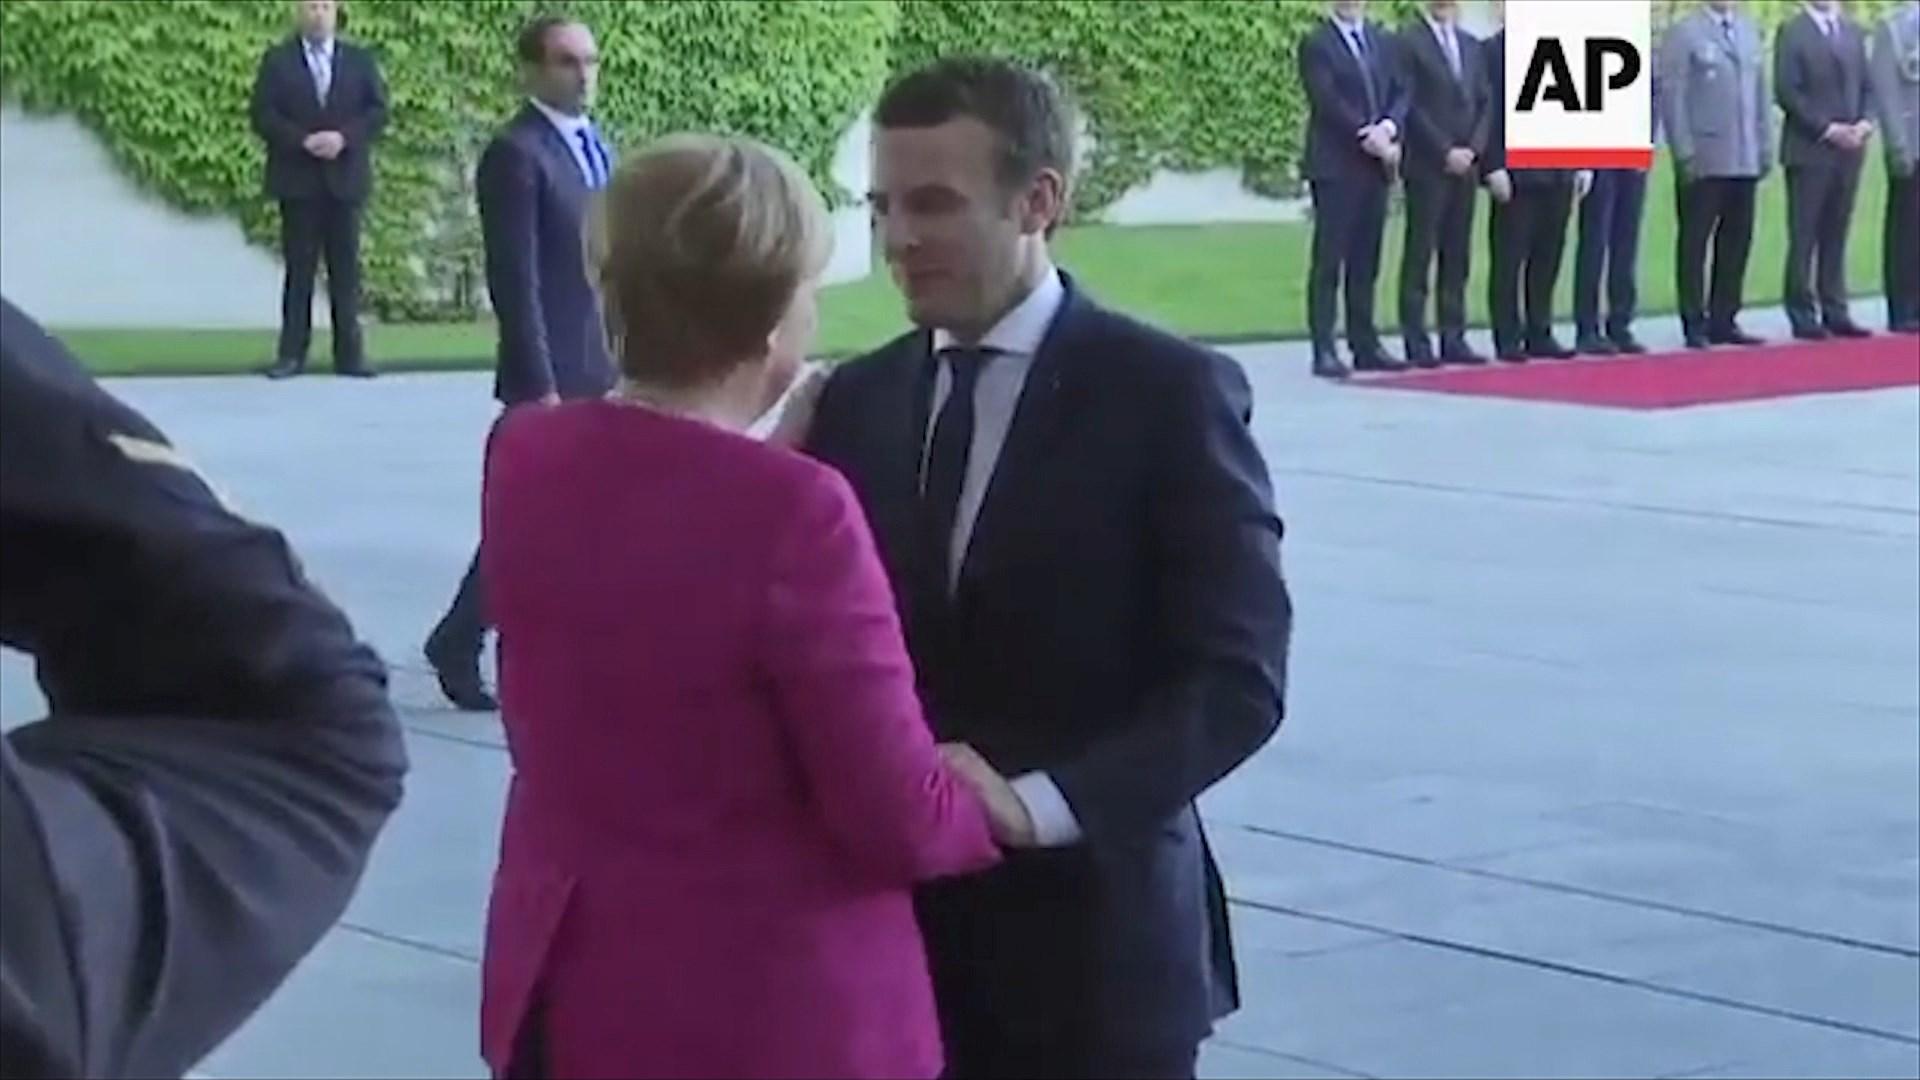 Emigracioni dhe projektbuxheti i BE, sot zhvillohet samiti Macron-Merkel